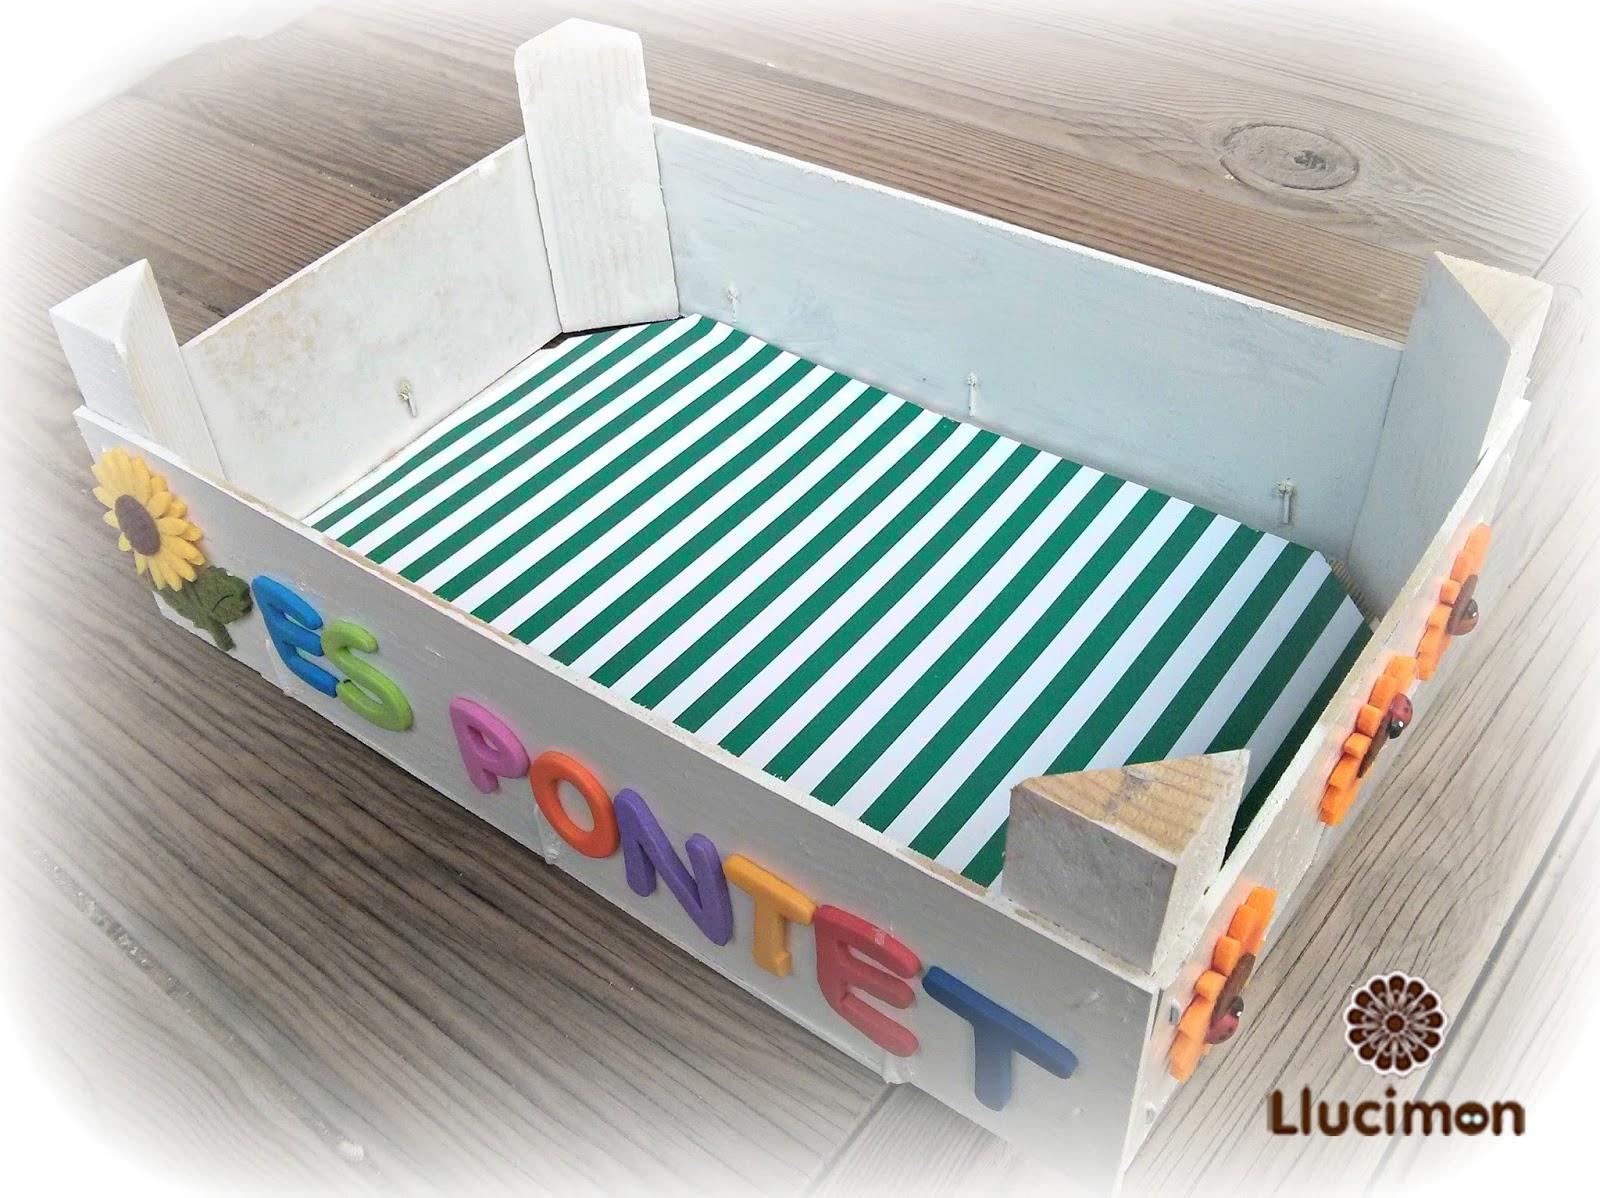 Dnde lo has comprado Caja de frutas decorada regalo para profesores